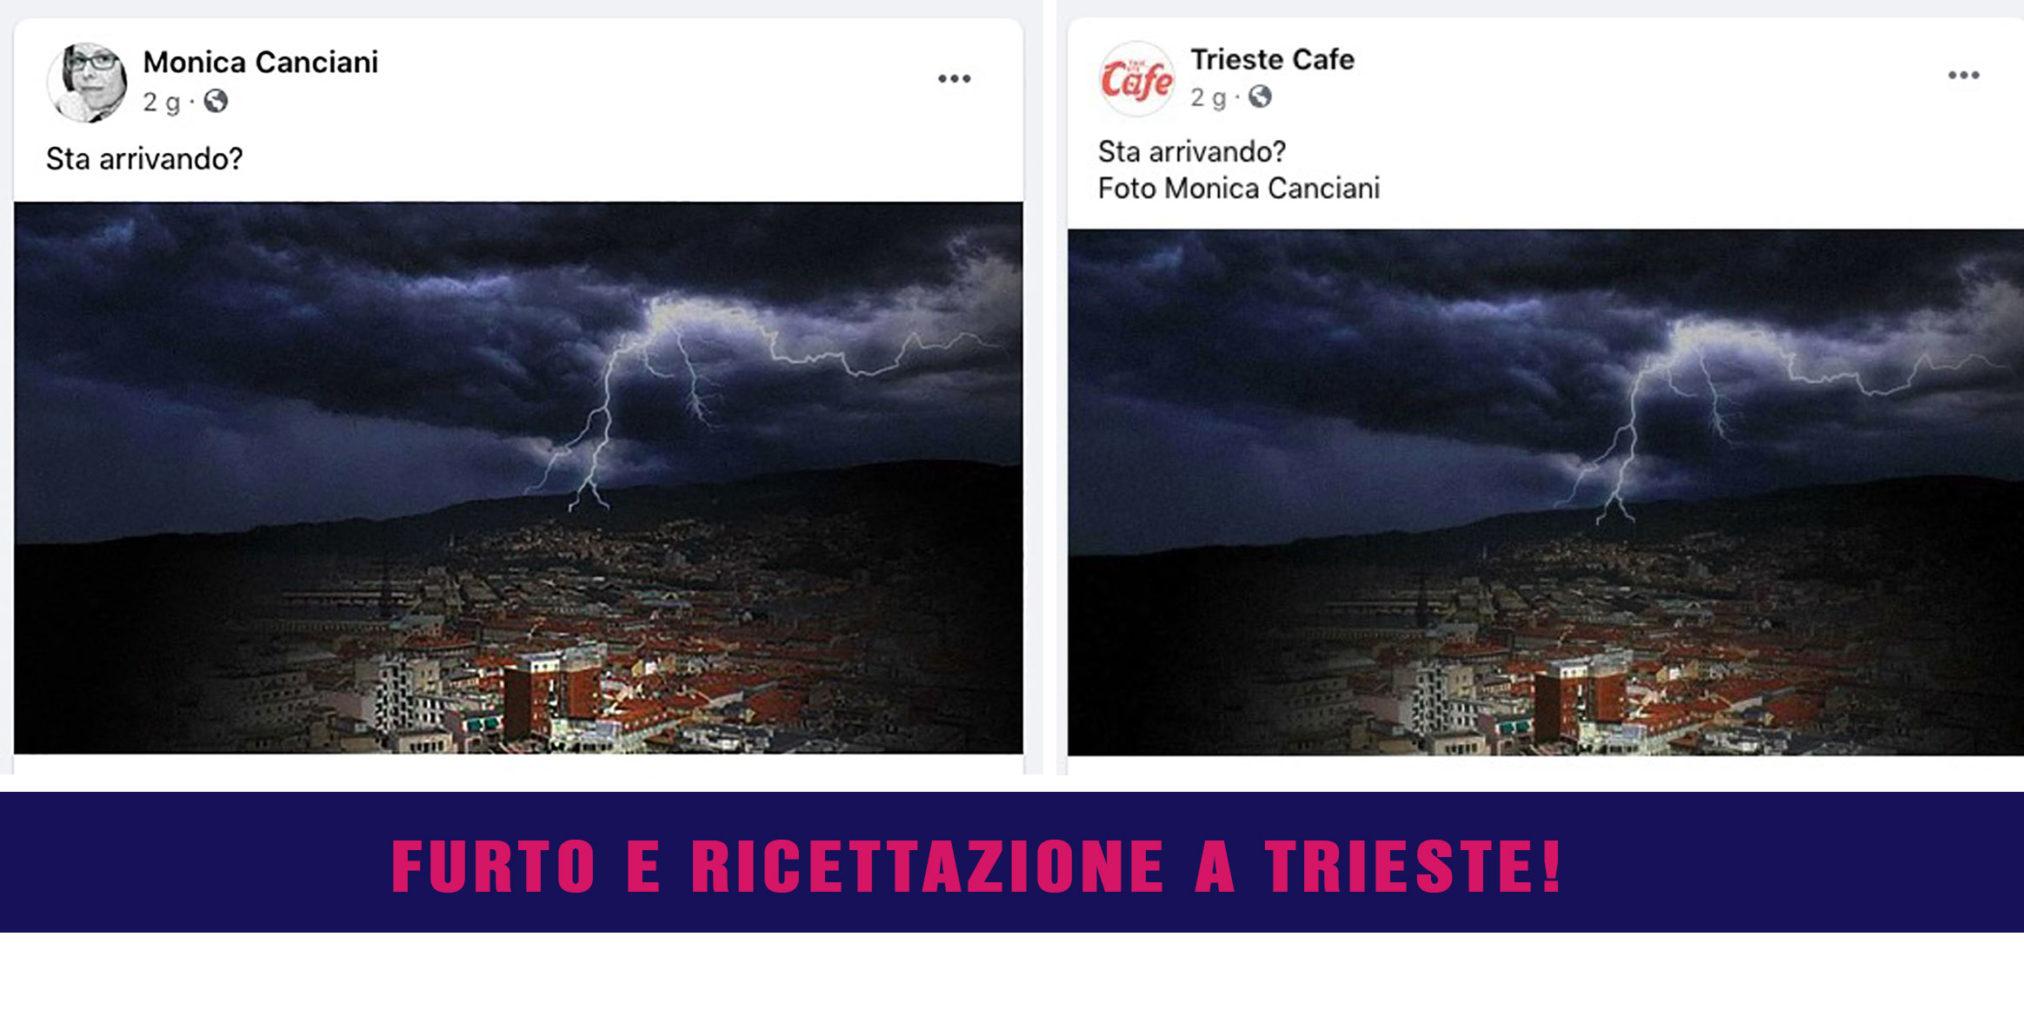 Monica Canciani furto foto e Trieste Cafe